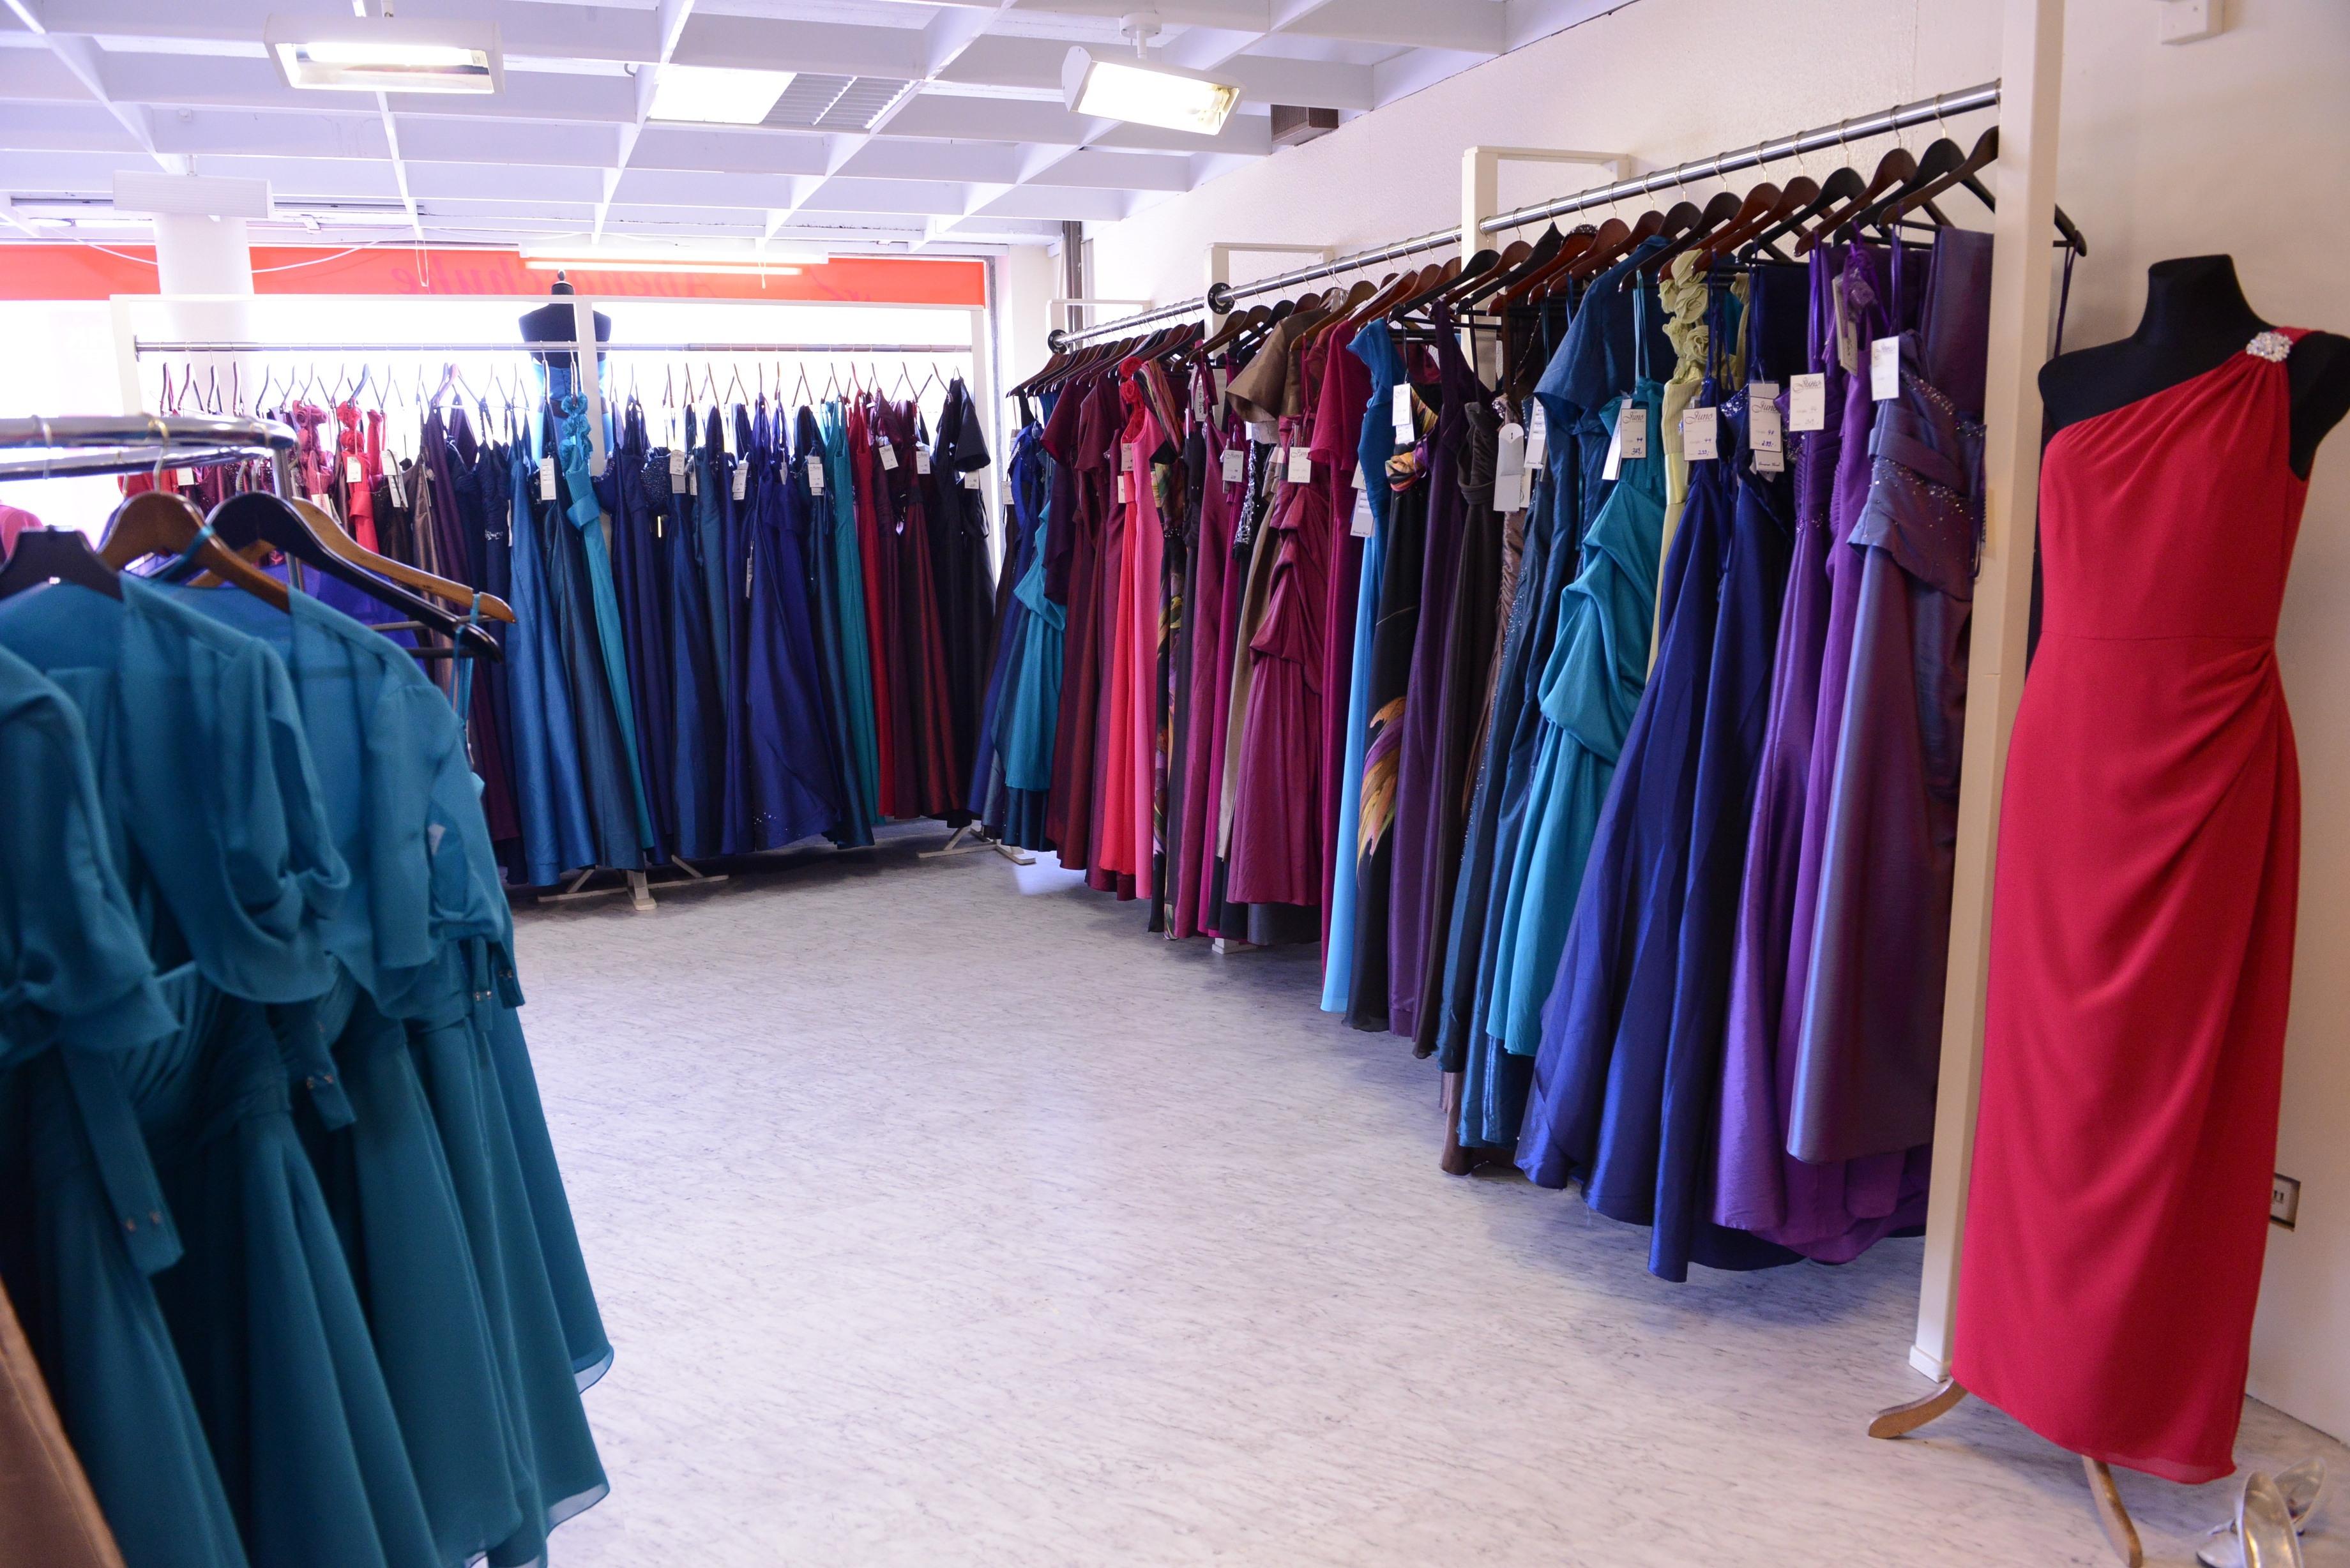 Formal Schön Abendkleider Laden Vertrieb13 Spektakulär Abendkleider Laden Spezialgebiet